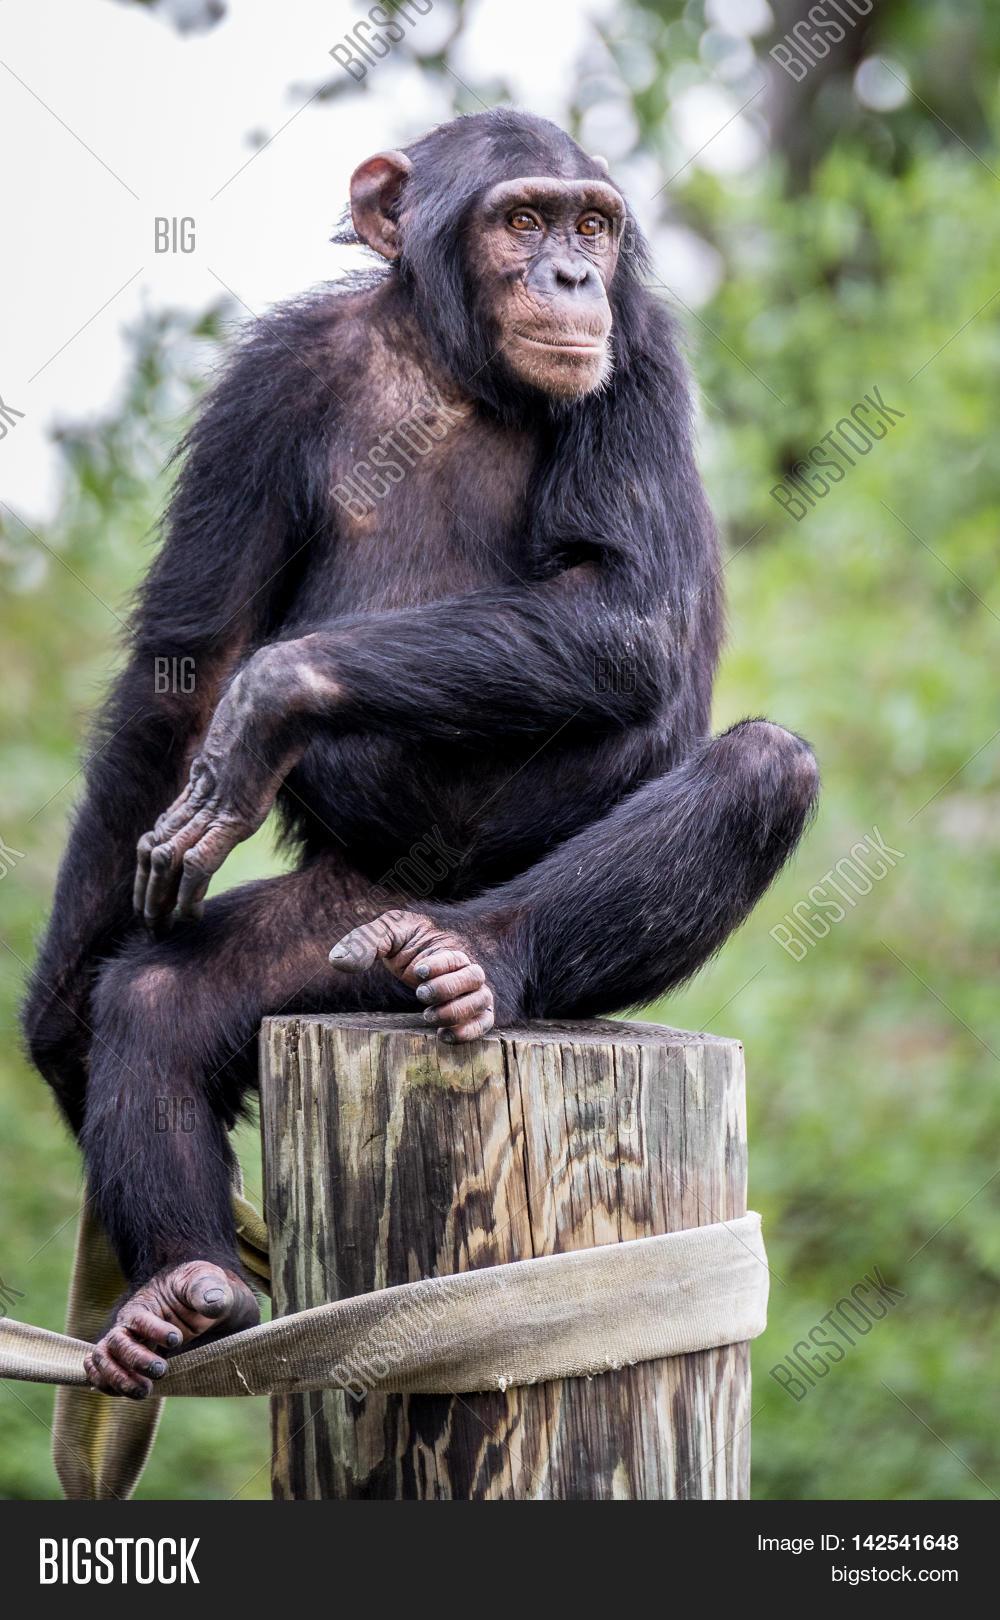 Chimfunshi | Honeysun  |Chimp Sitting